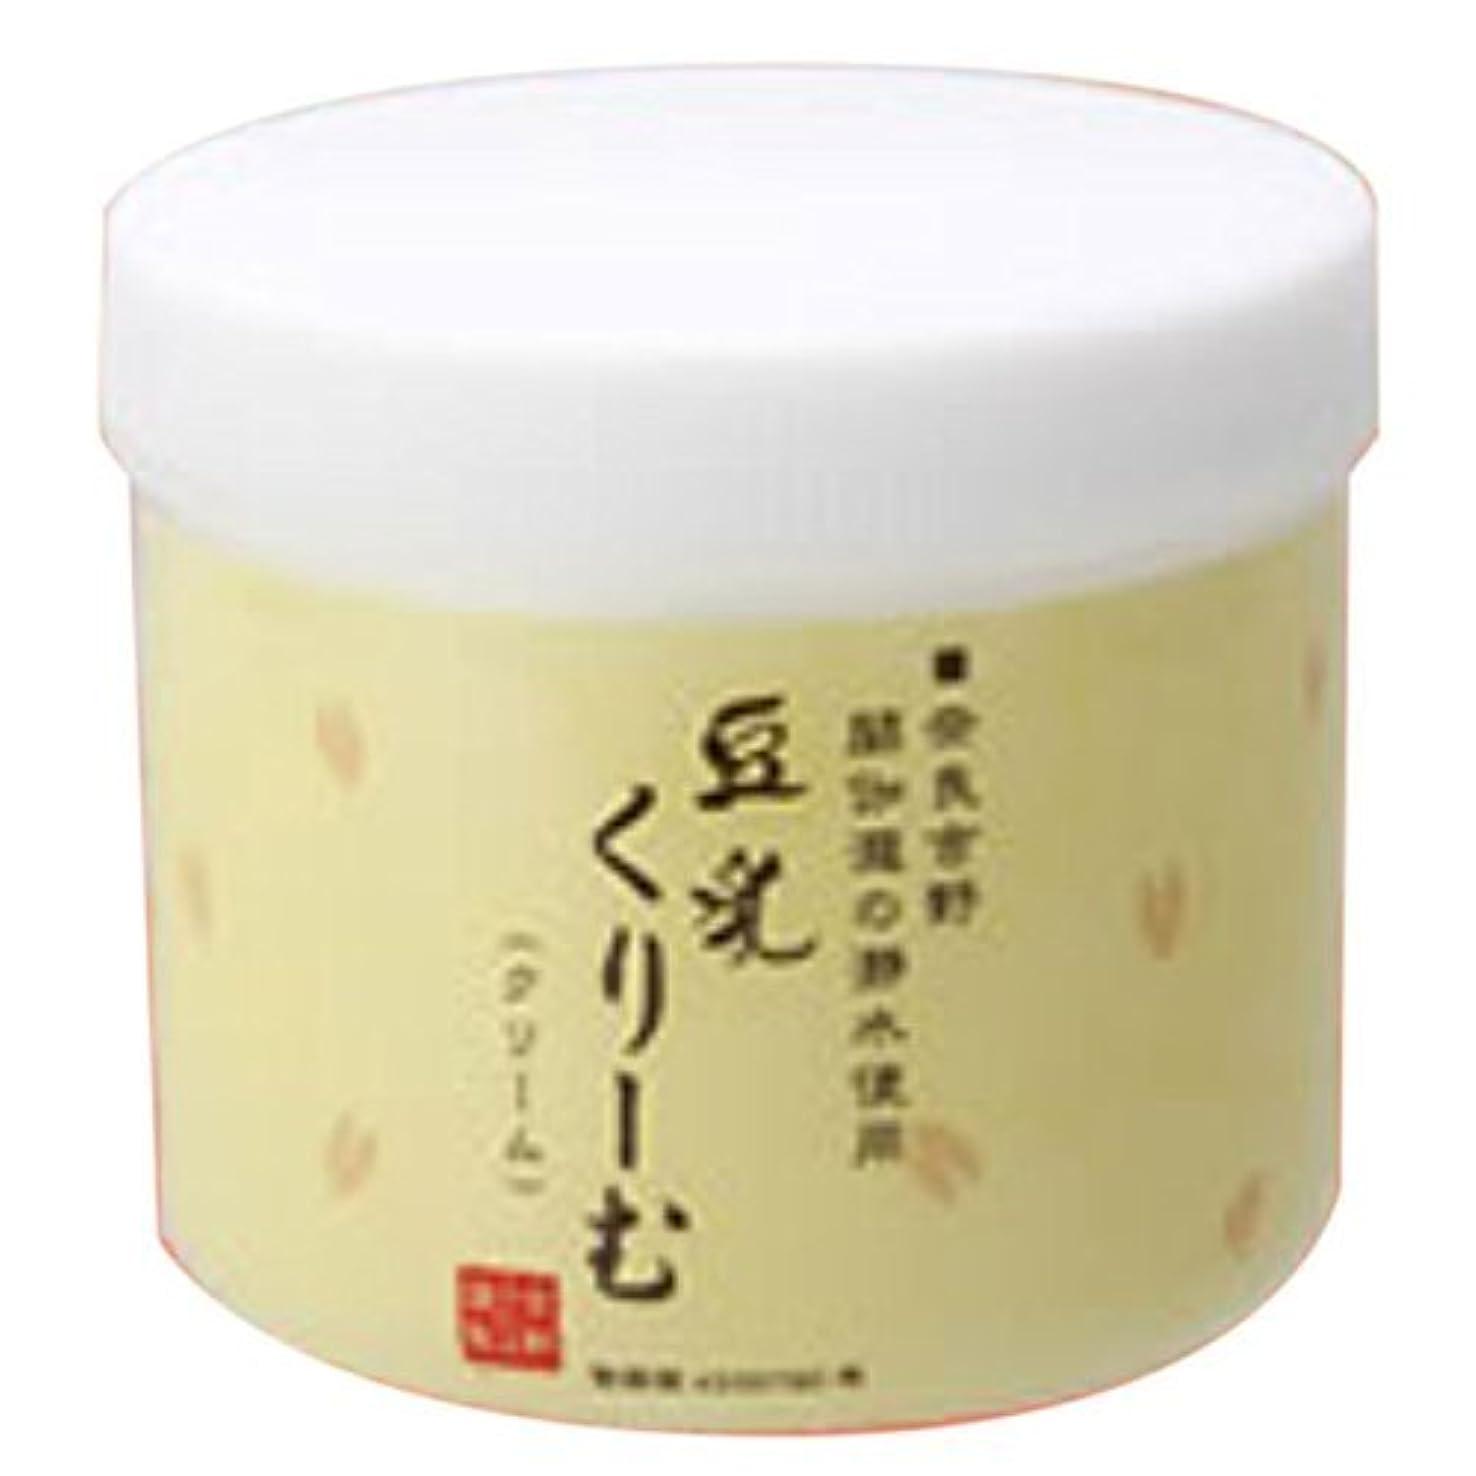 ピジンパーチナシティ発揮する吉野ふじや謹製 とうにゅうくりーむ (豆乳美容クリーム)